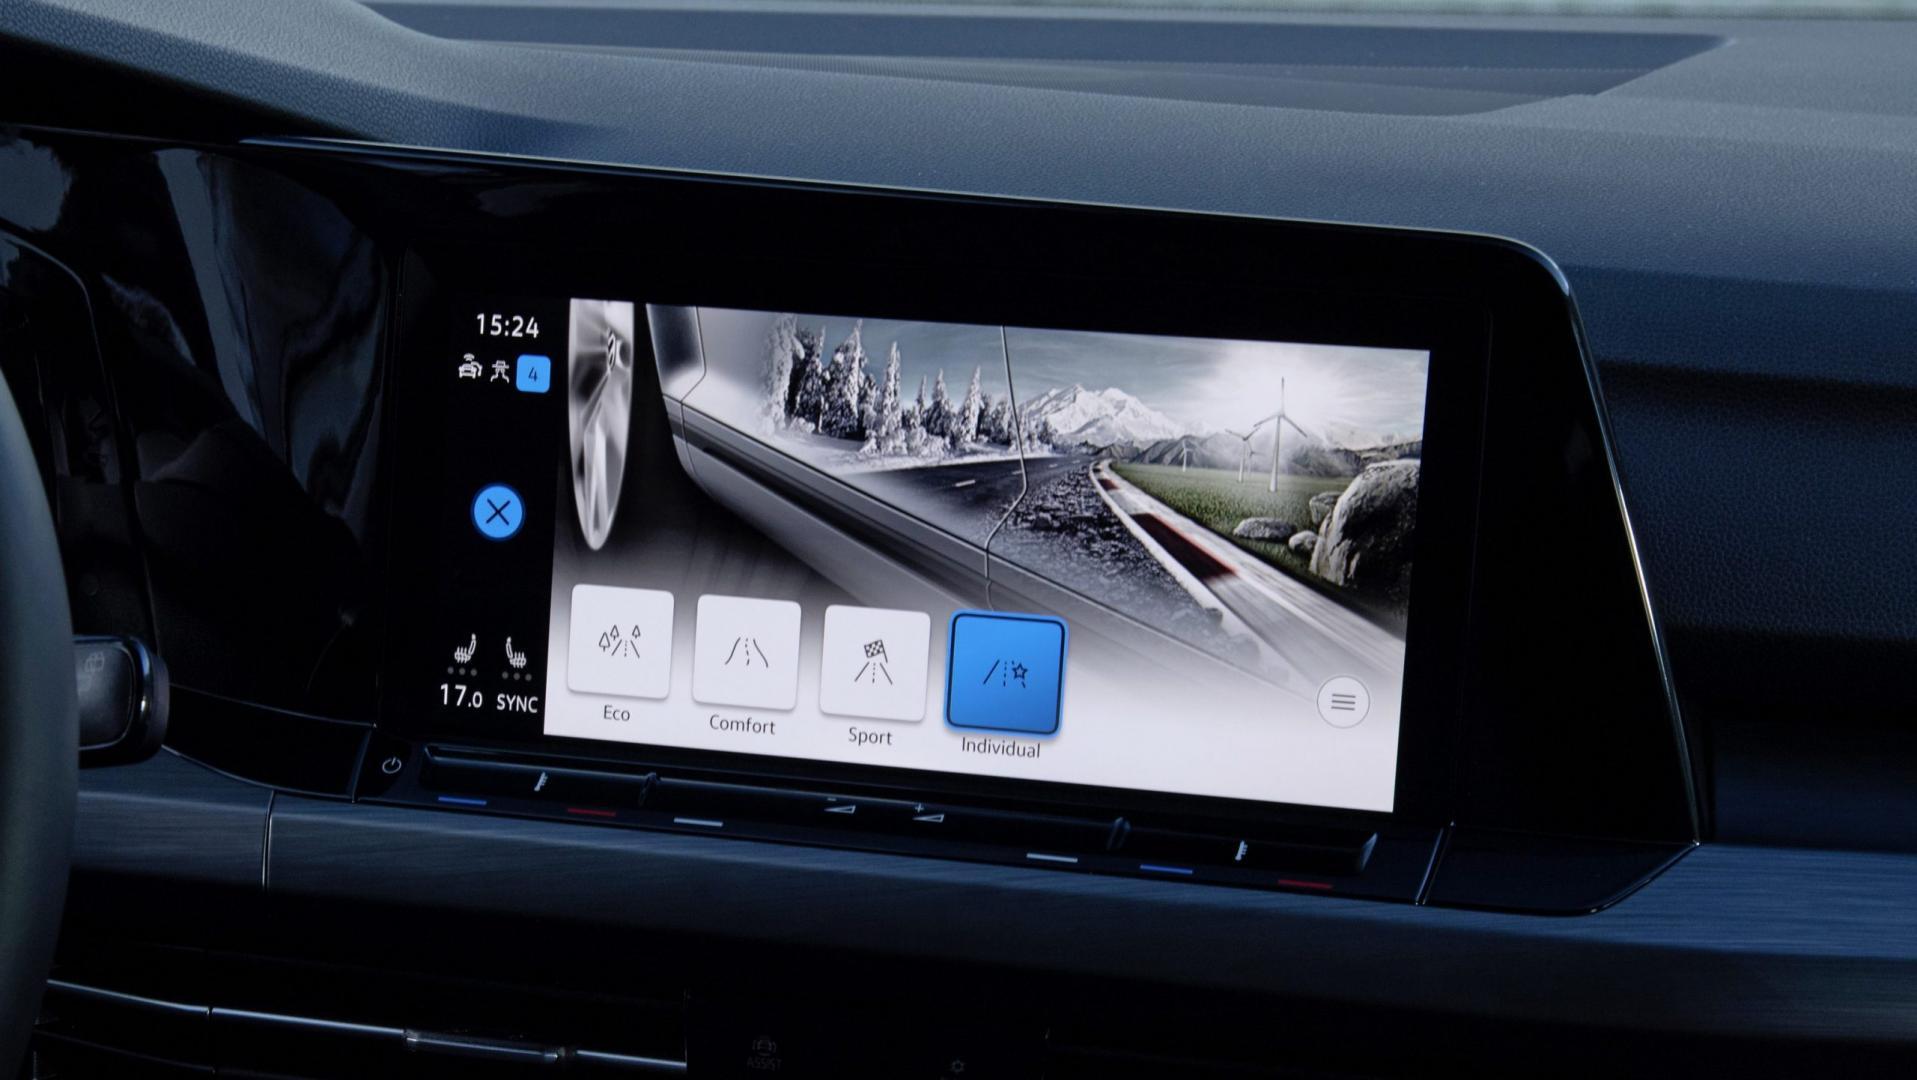 Volkswagen Golf 8 infotainment